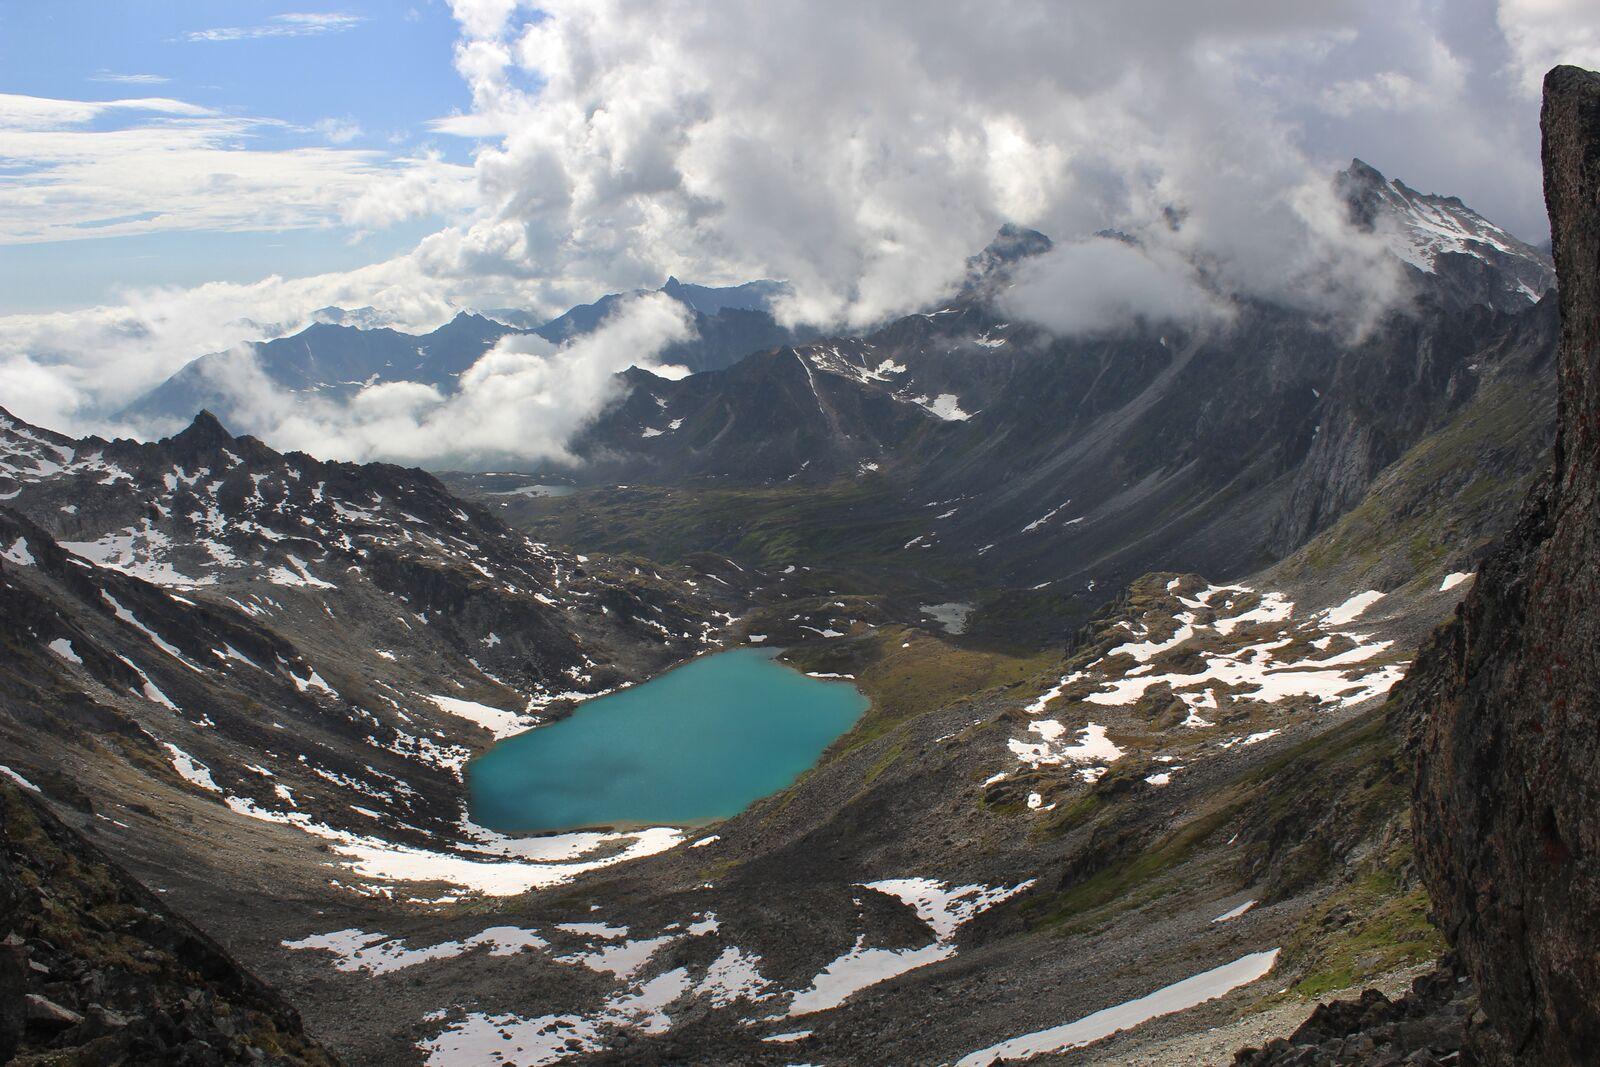 Upper Reid Lake